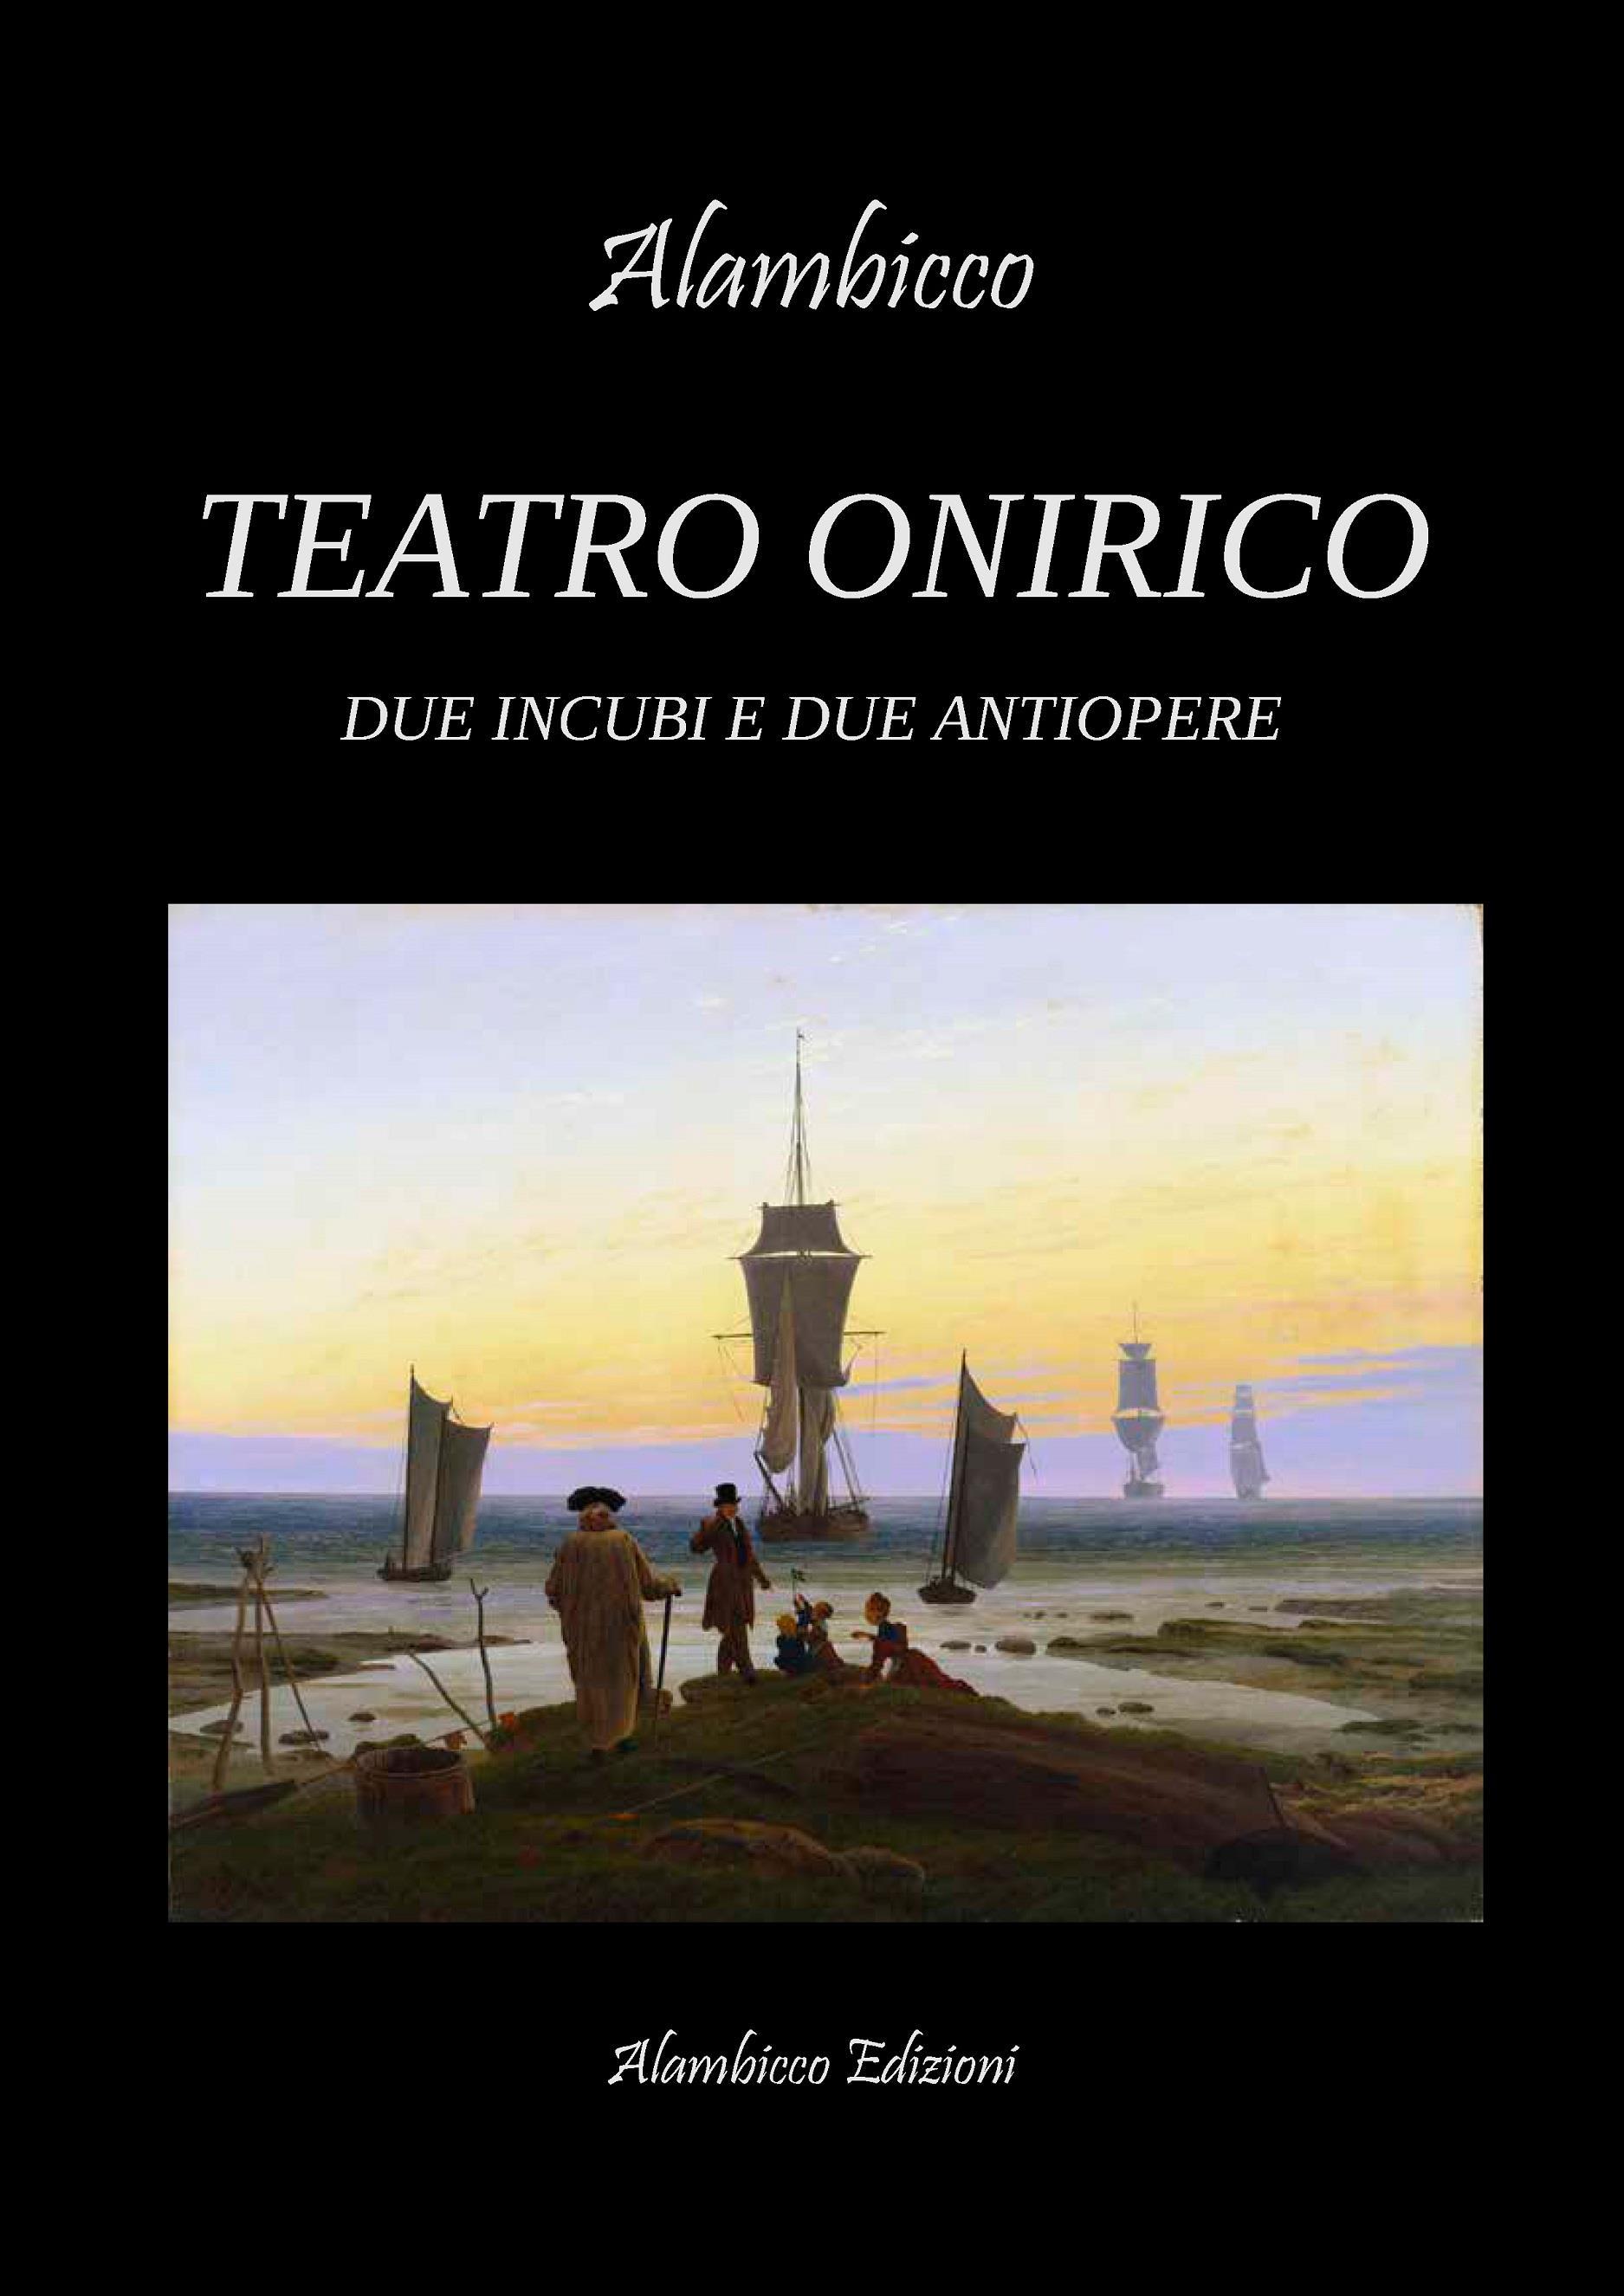 Teatro Onirico